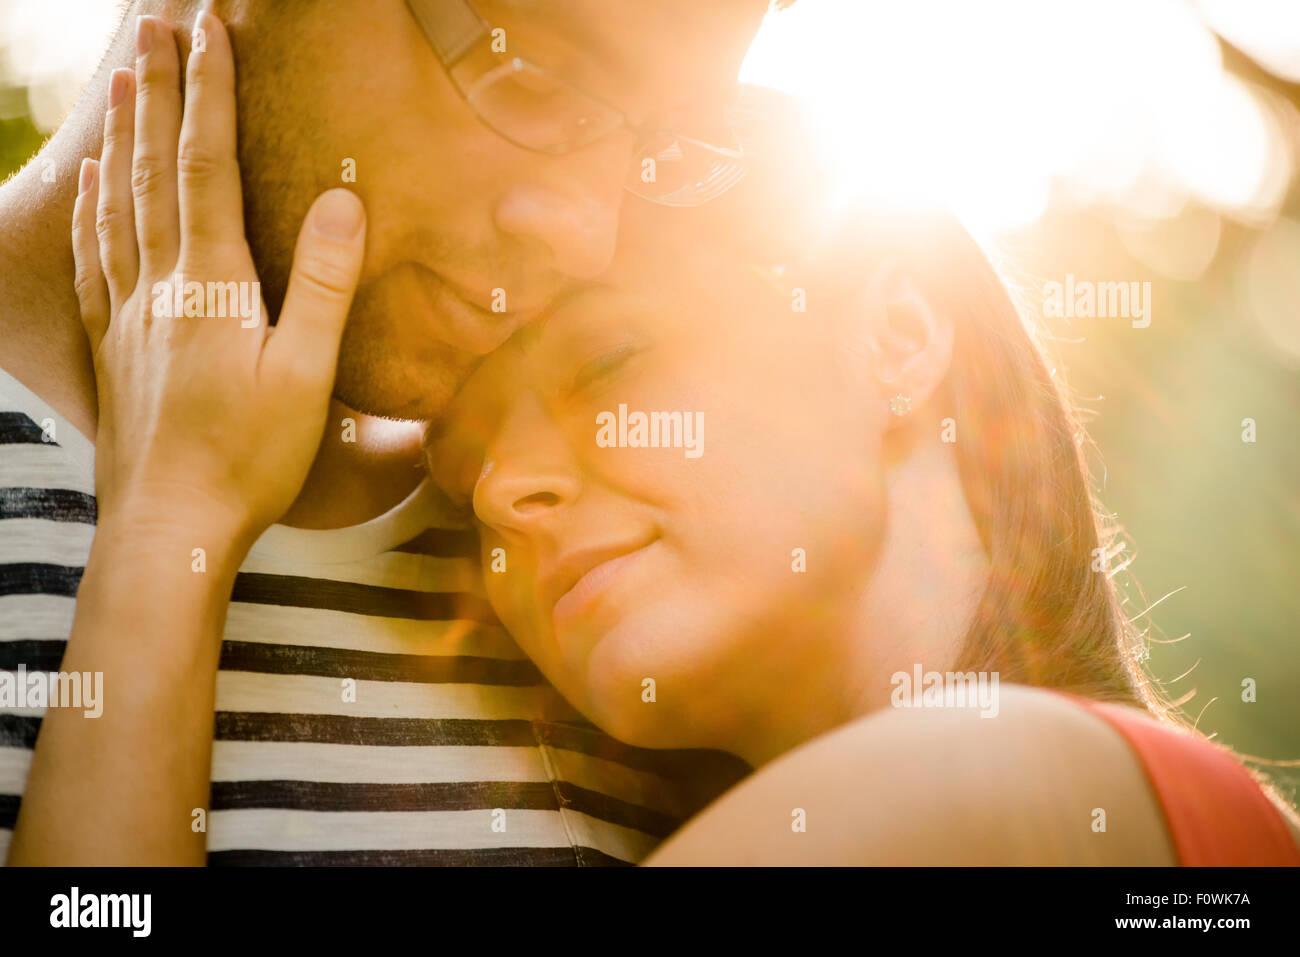 Momenti intimi - coppia giovane abbracciando e abbracciando nella natura Immagini Stock